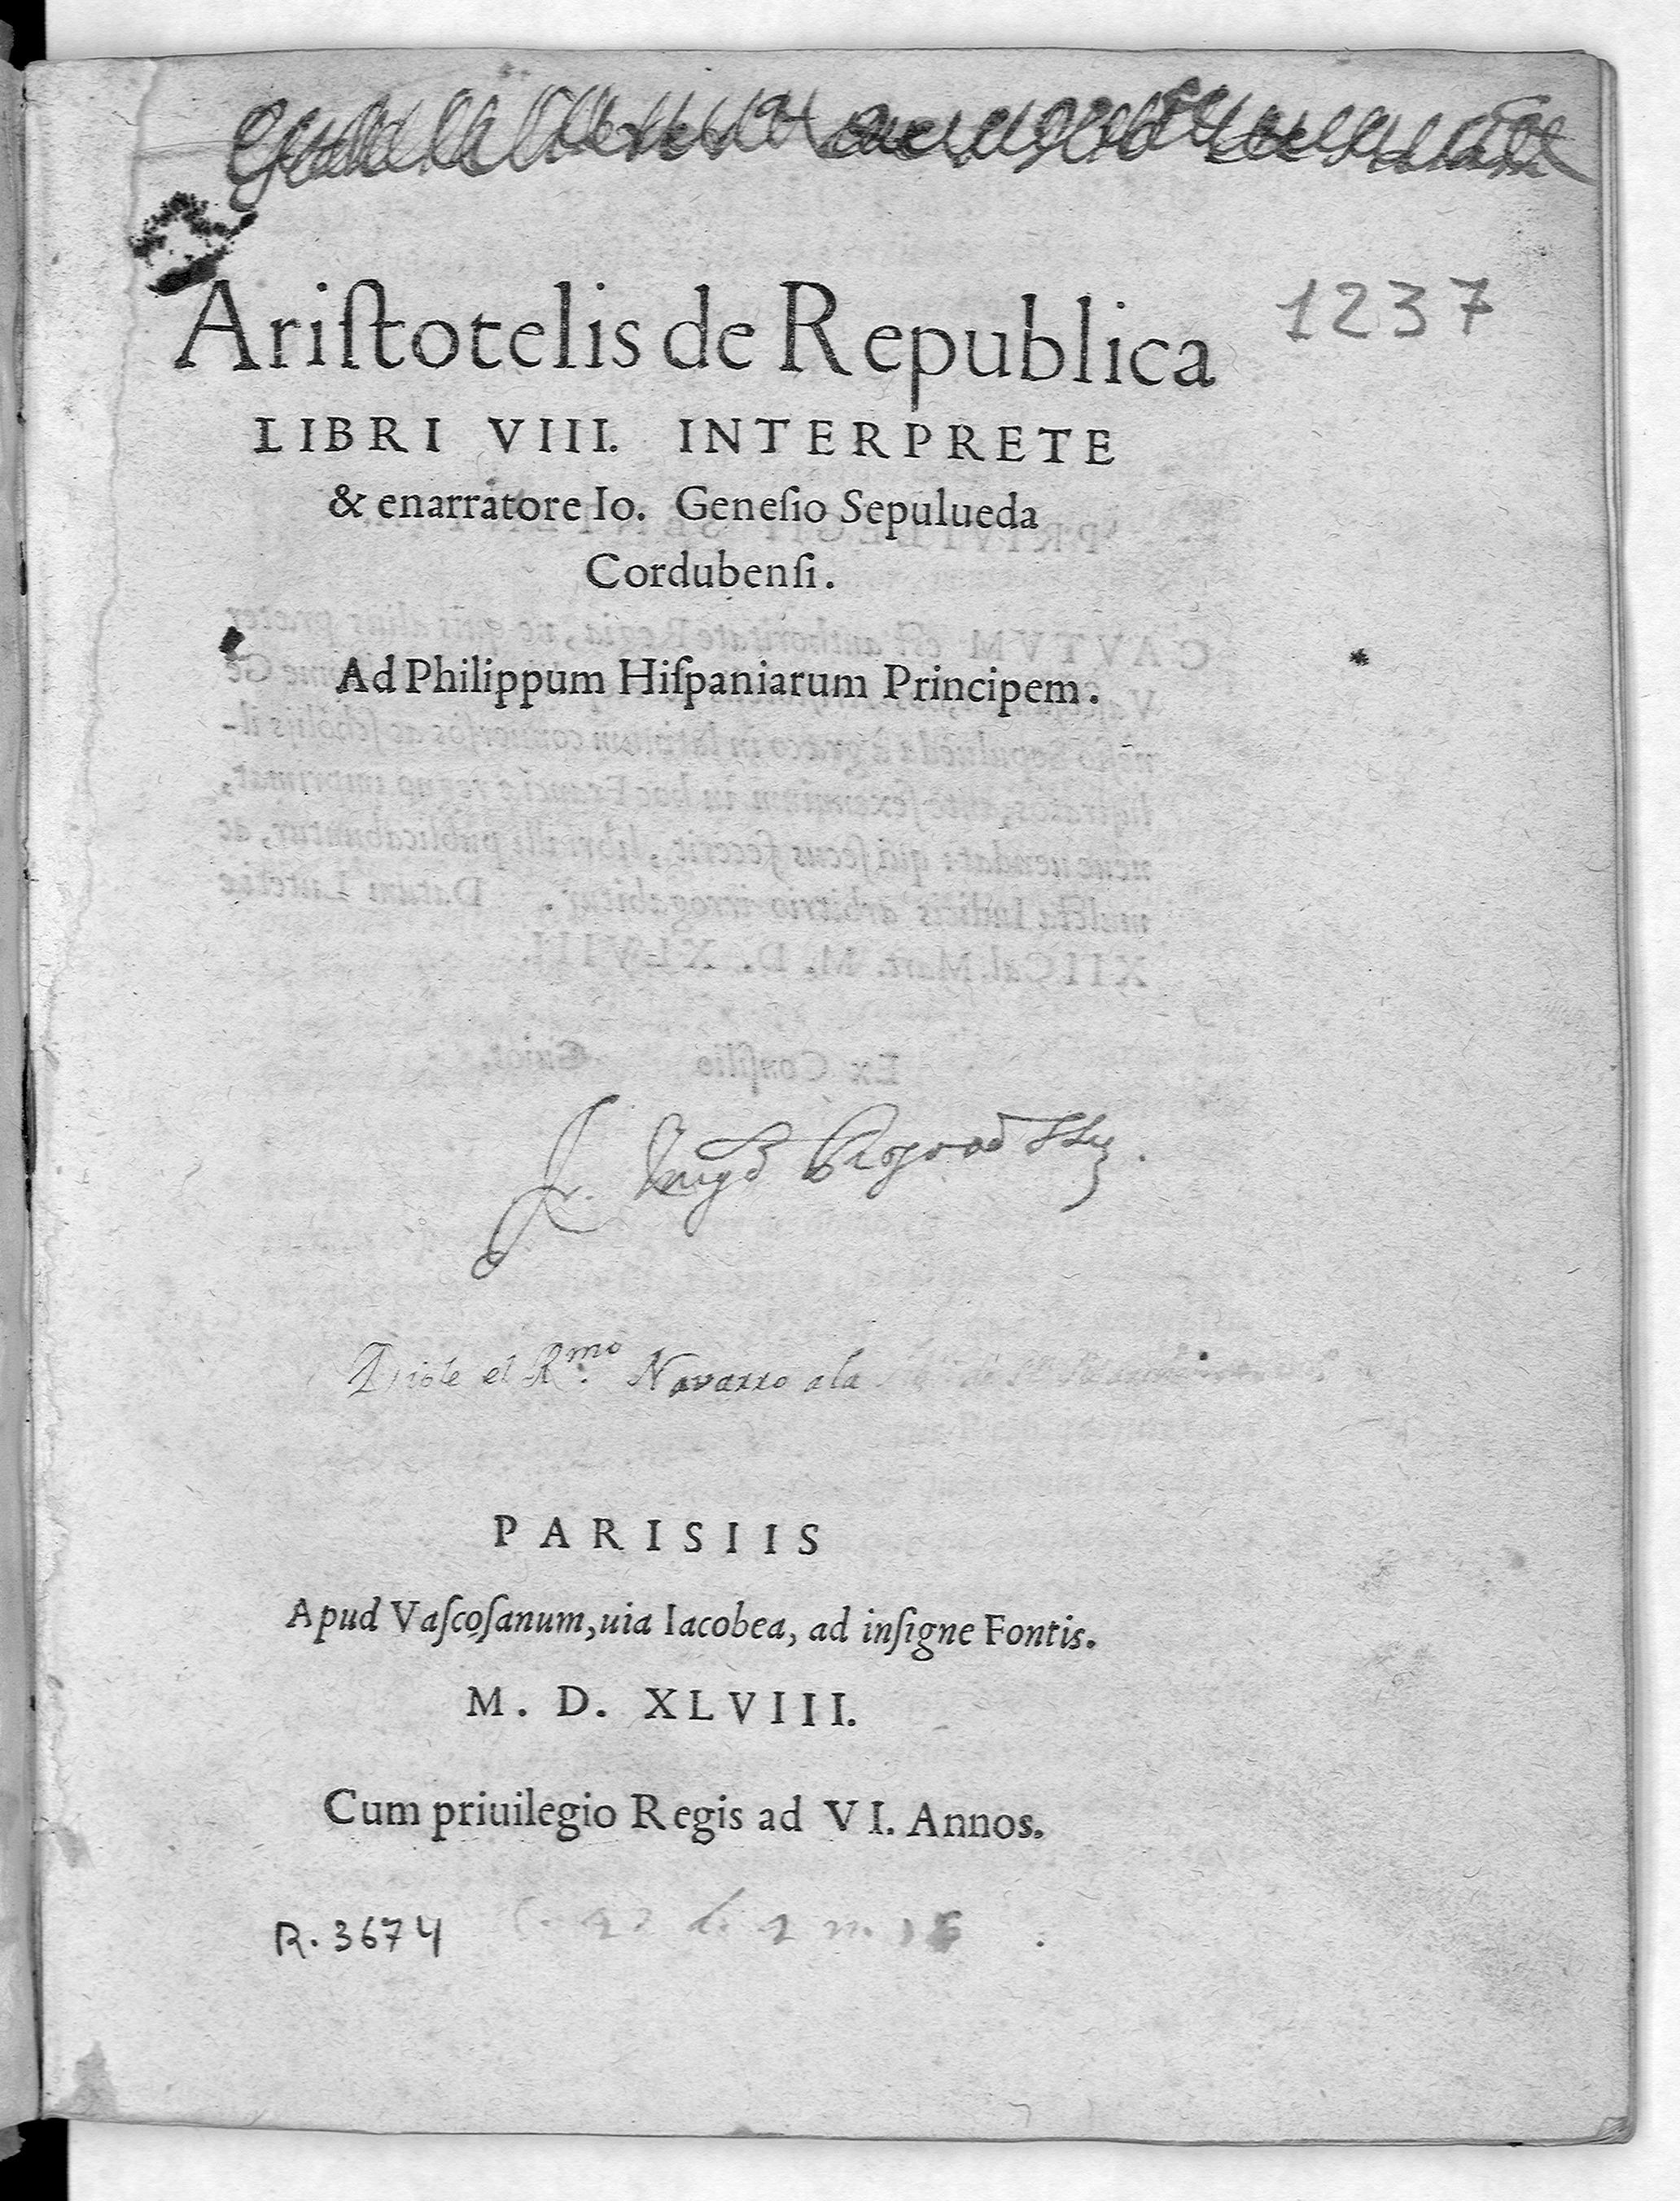 Aristotelis de Republica libri VIII, 1548